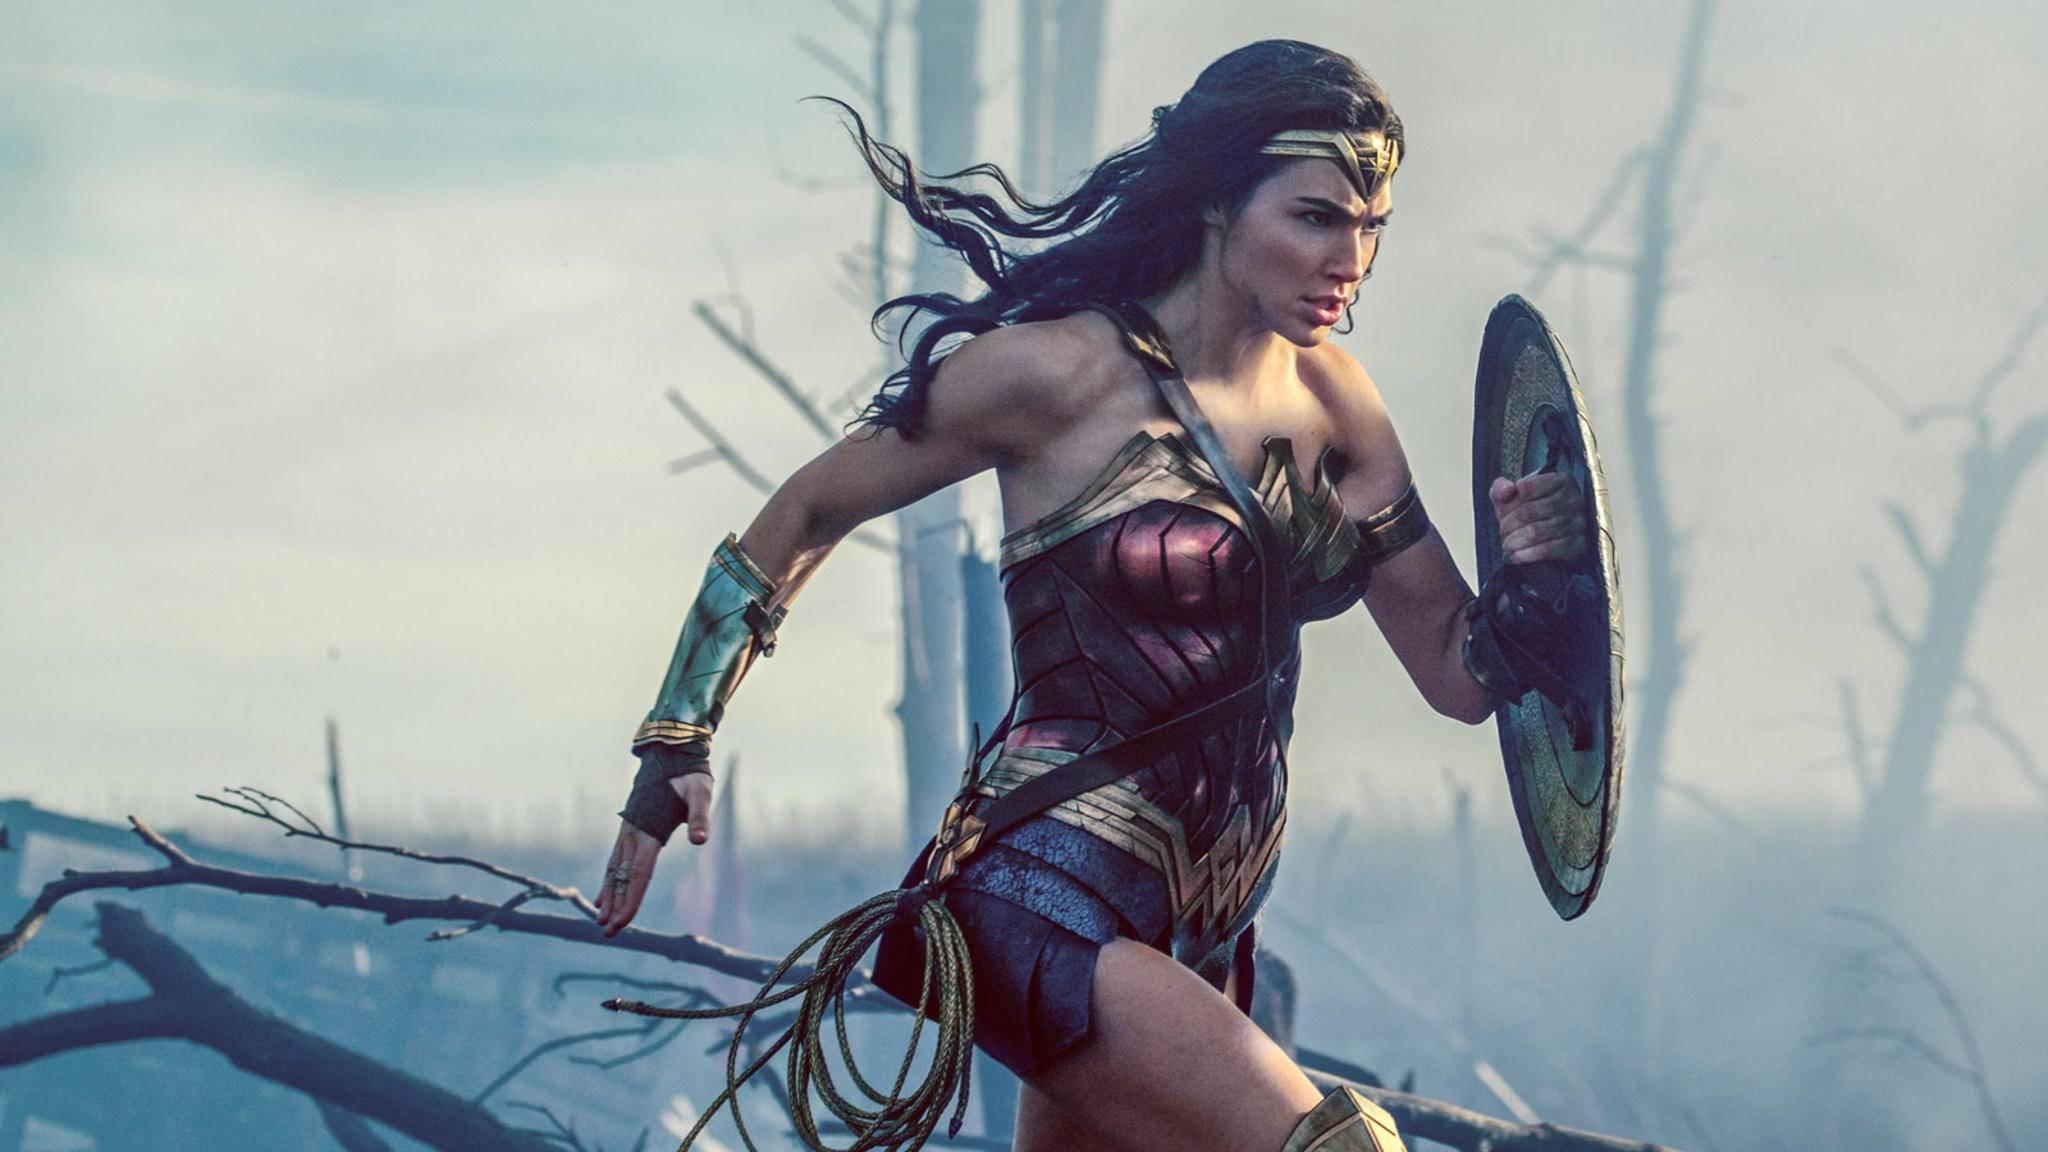 """Unbesiegbar? Zumindest in den amerikanischen Kinokassen setzt sich """"Wonder Woman"""" durch."""